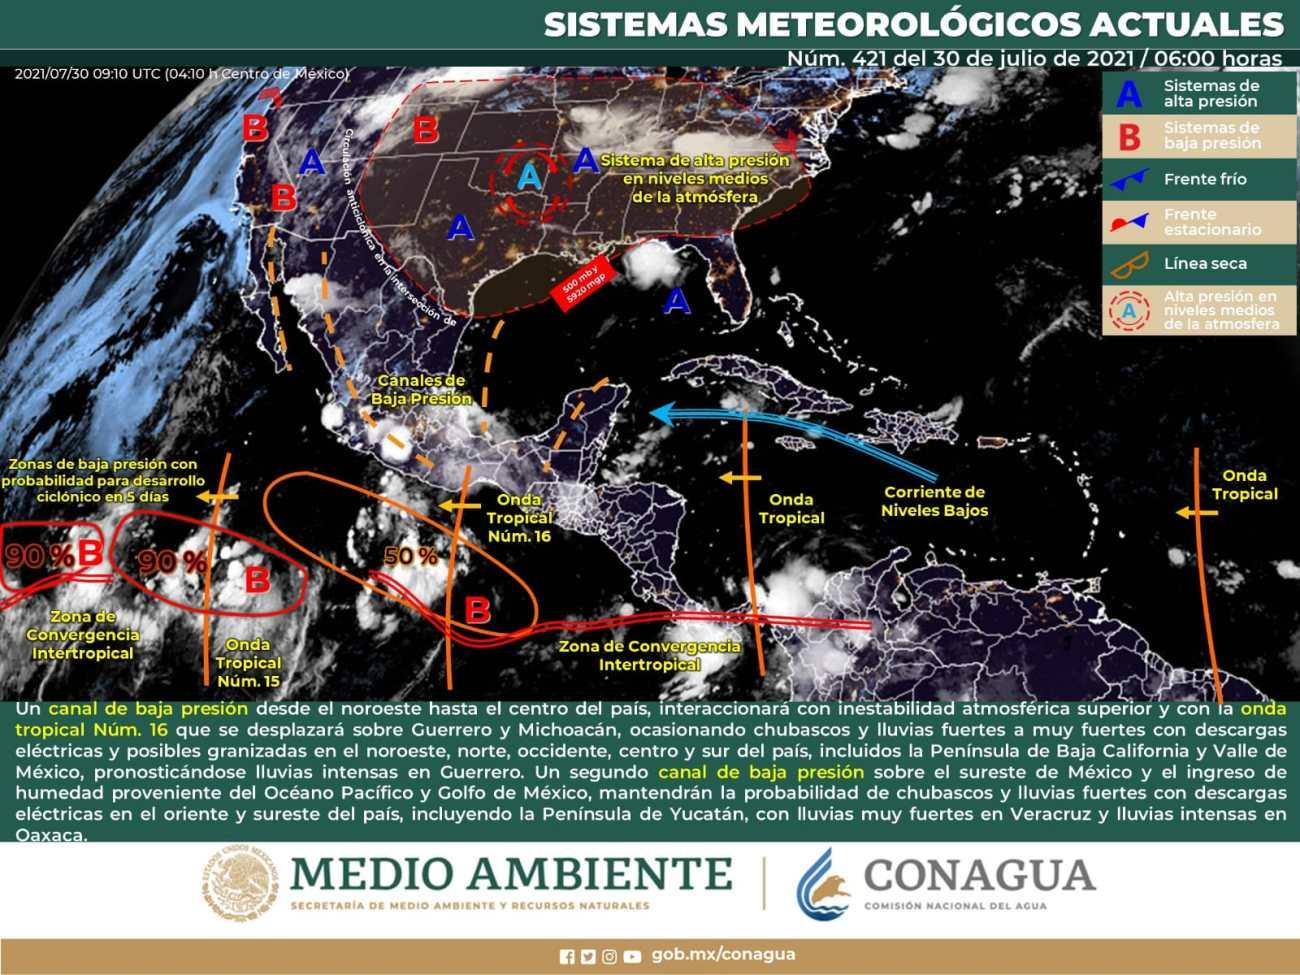 clima en mexico 30 jul 2021